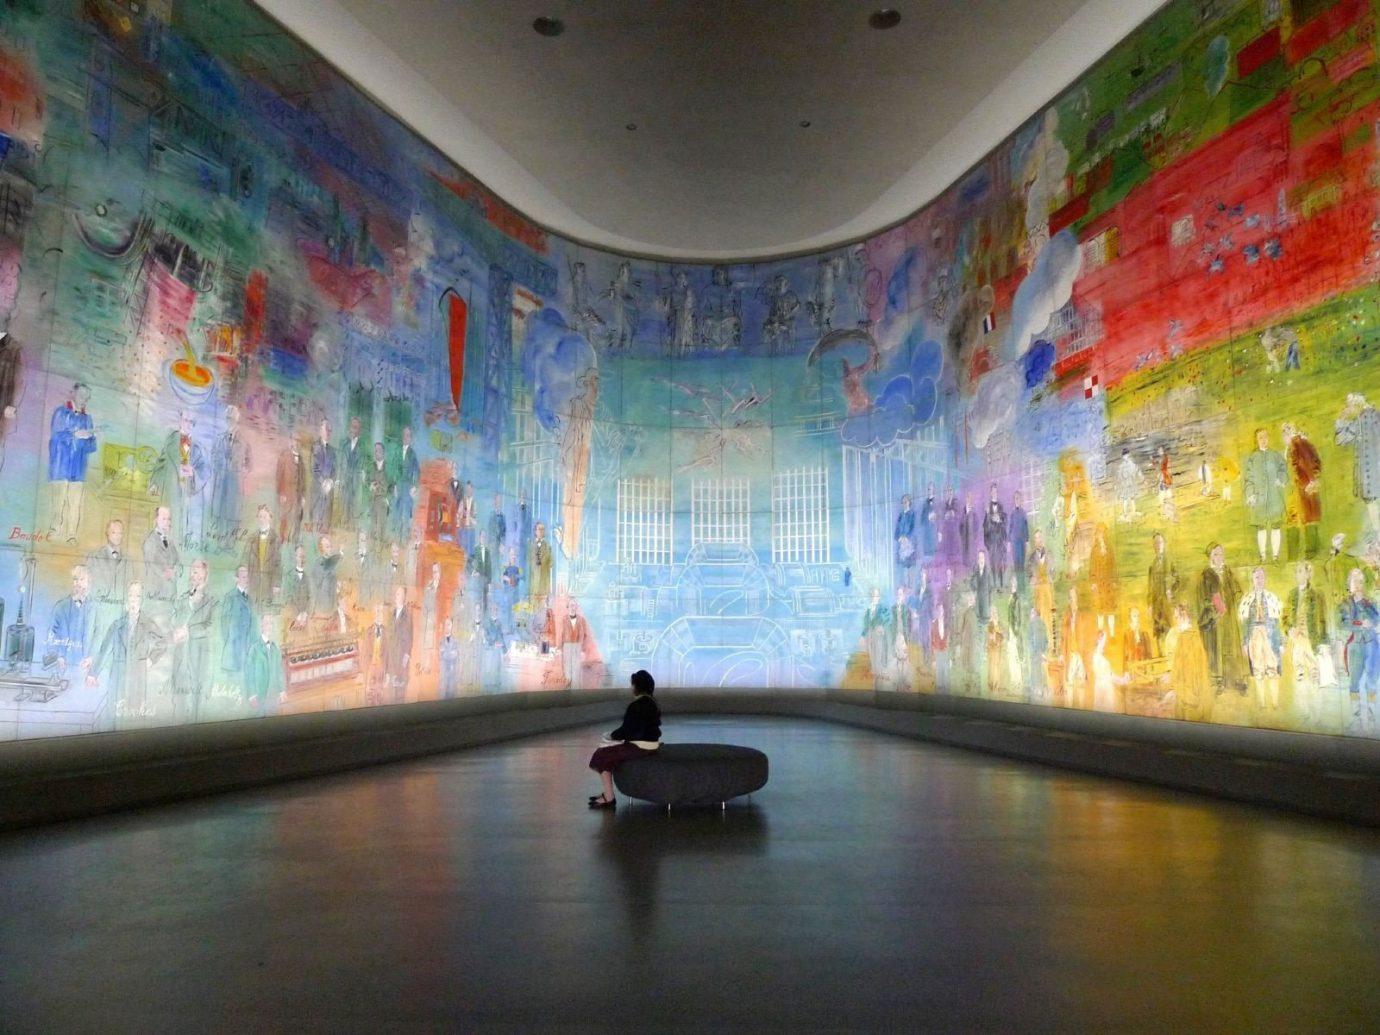 Interior of Paris Museum of Modern Art